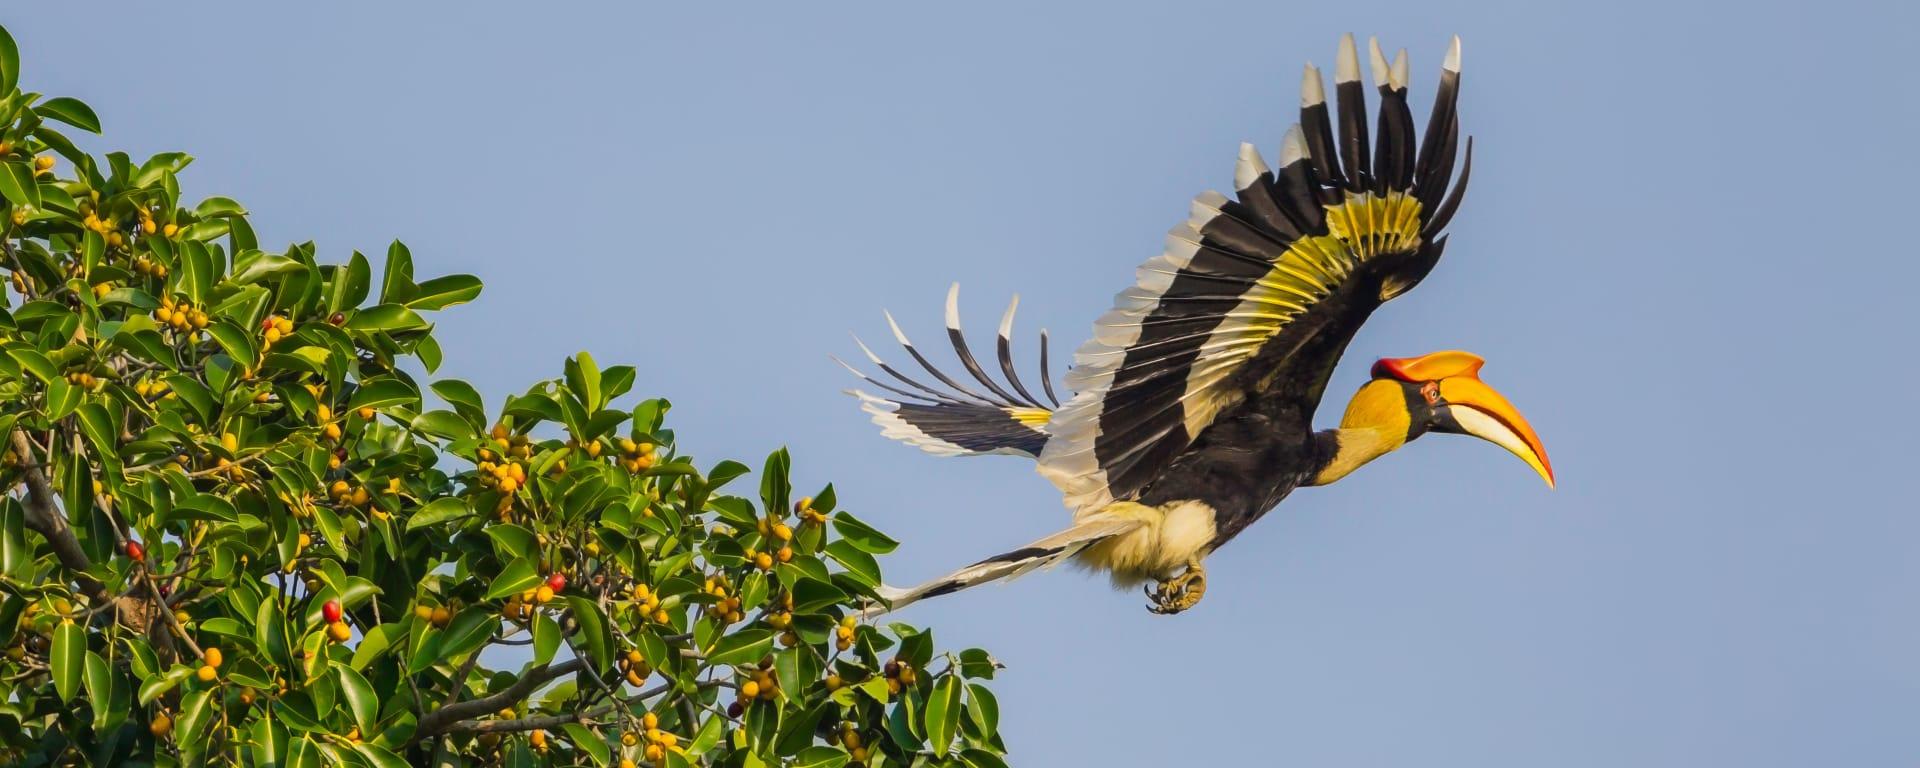 Borneo entdecken mit Tischler Reisen: Malaysia Natur Hornbill